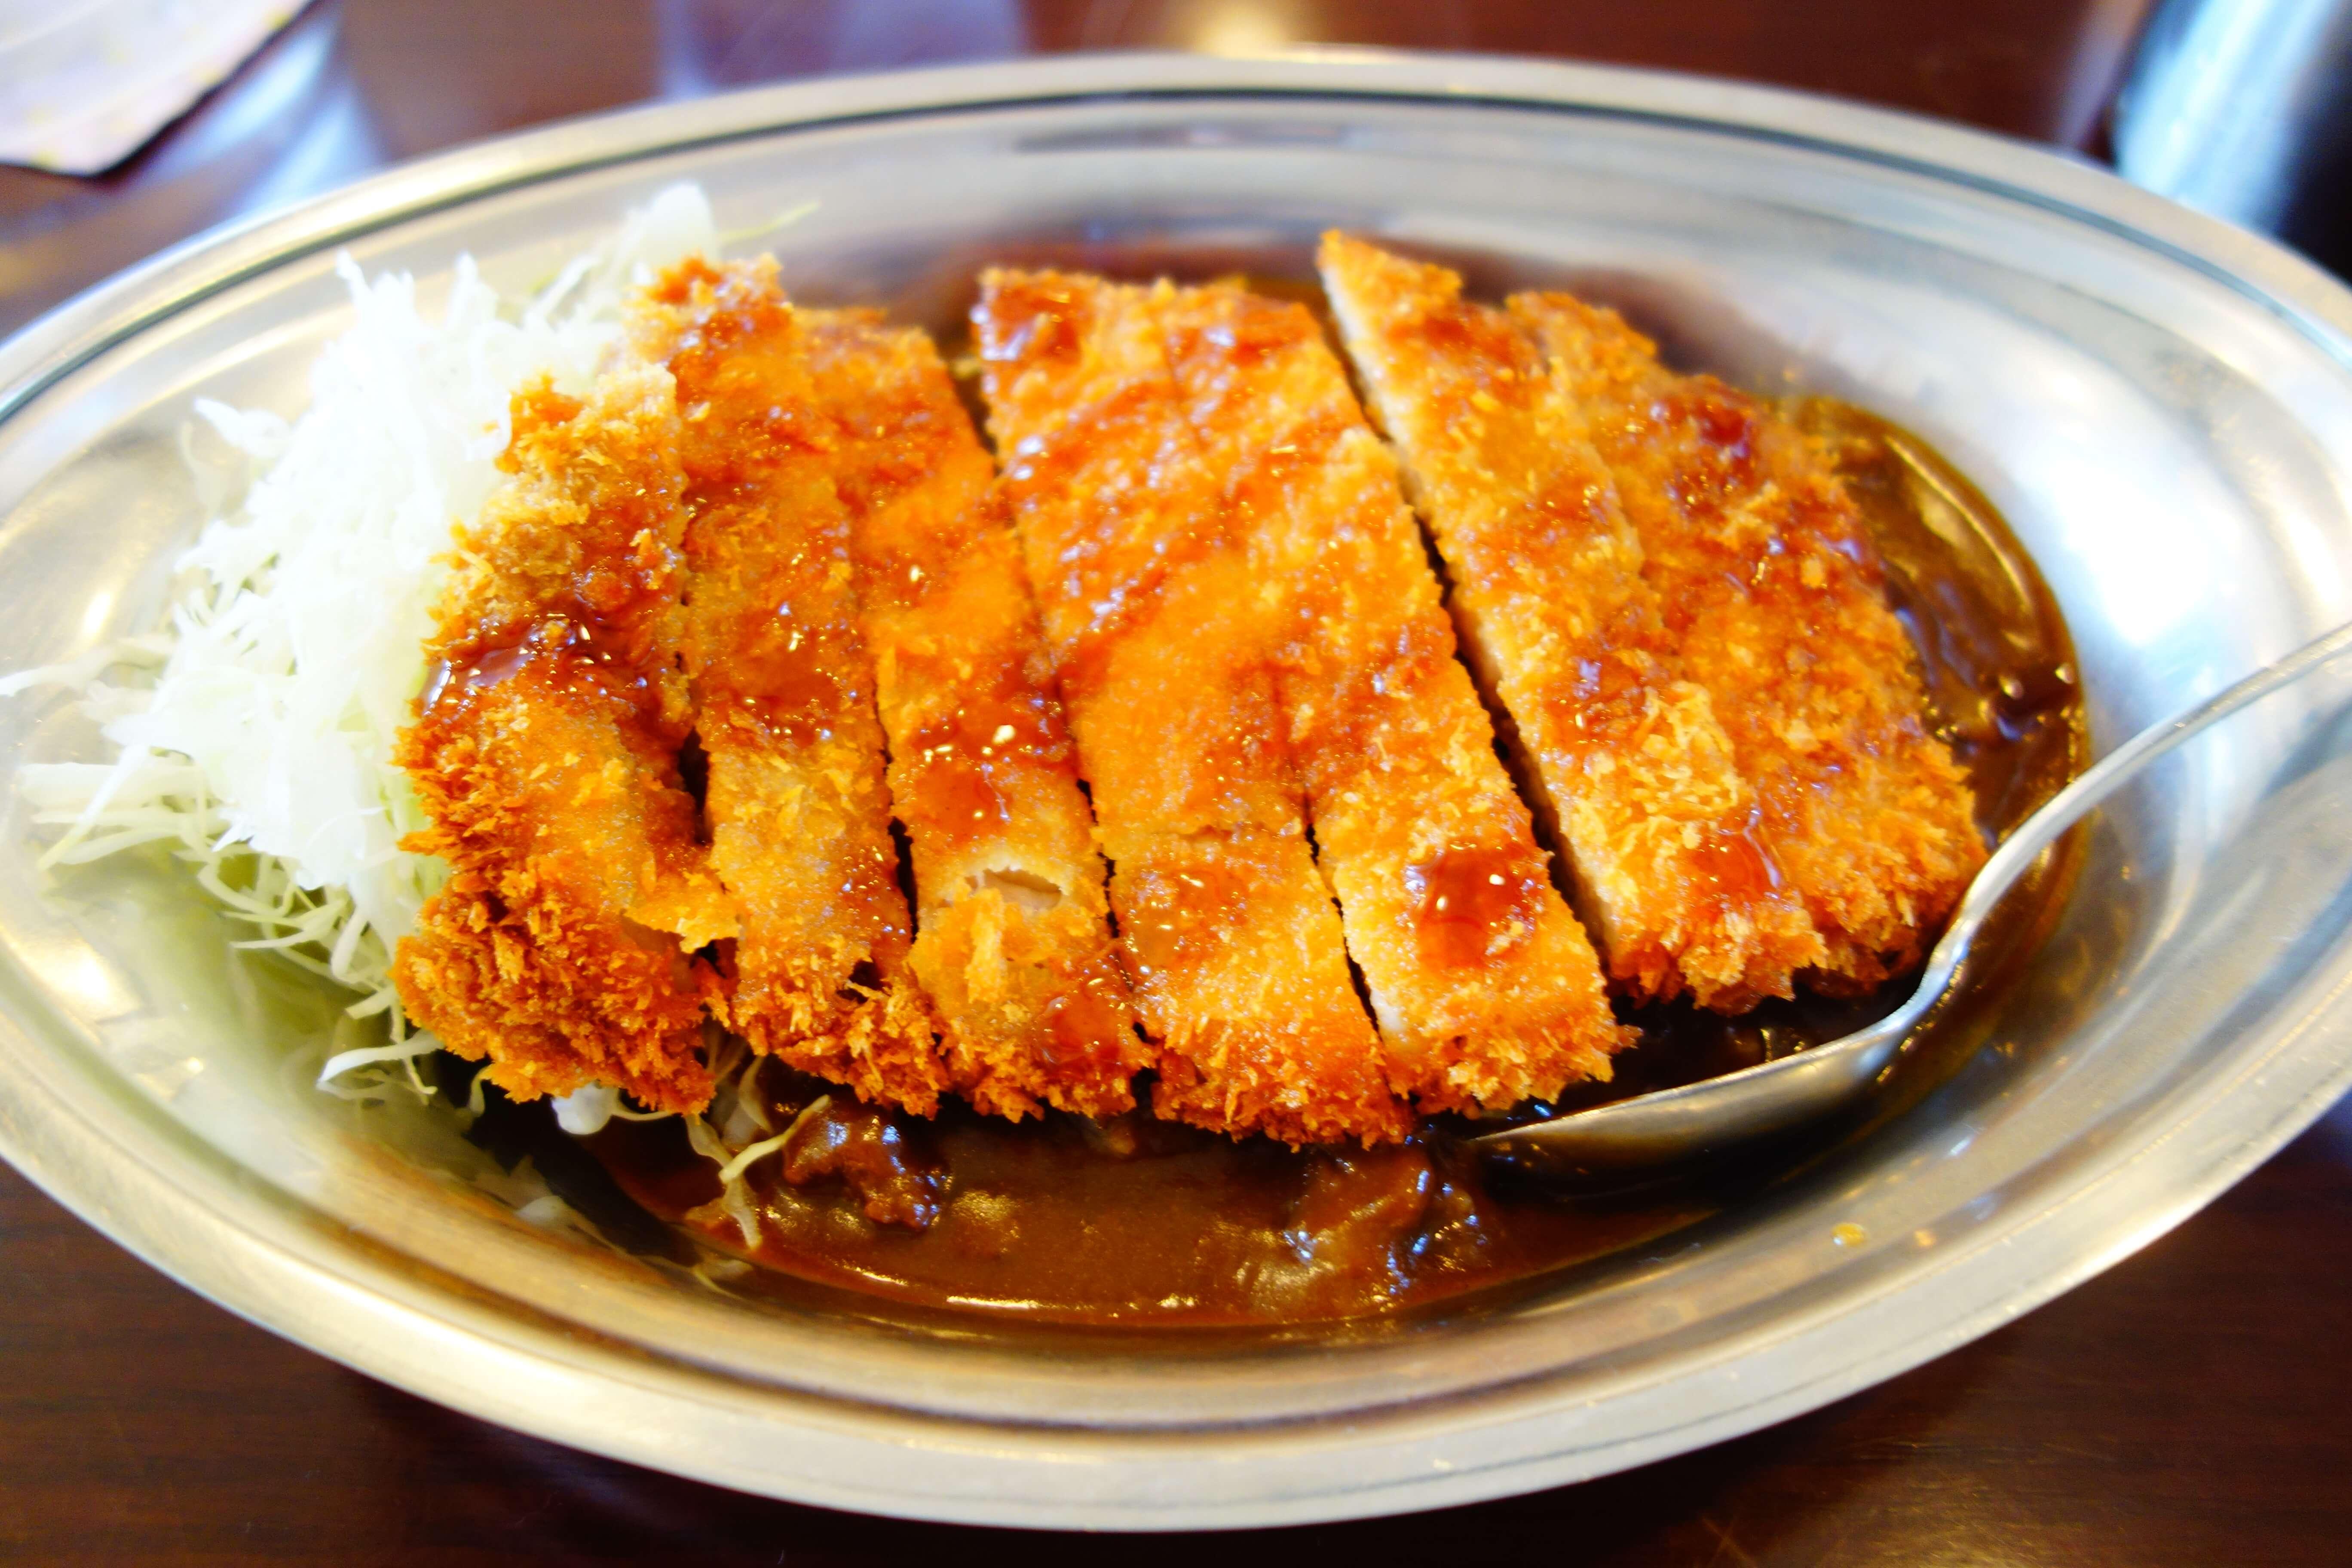 インデアンカレー|金沢カレーで満腹!大満足!濃厚でコクのあるルーを味わえる昔懐かしい洋食屋さん